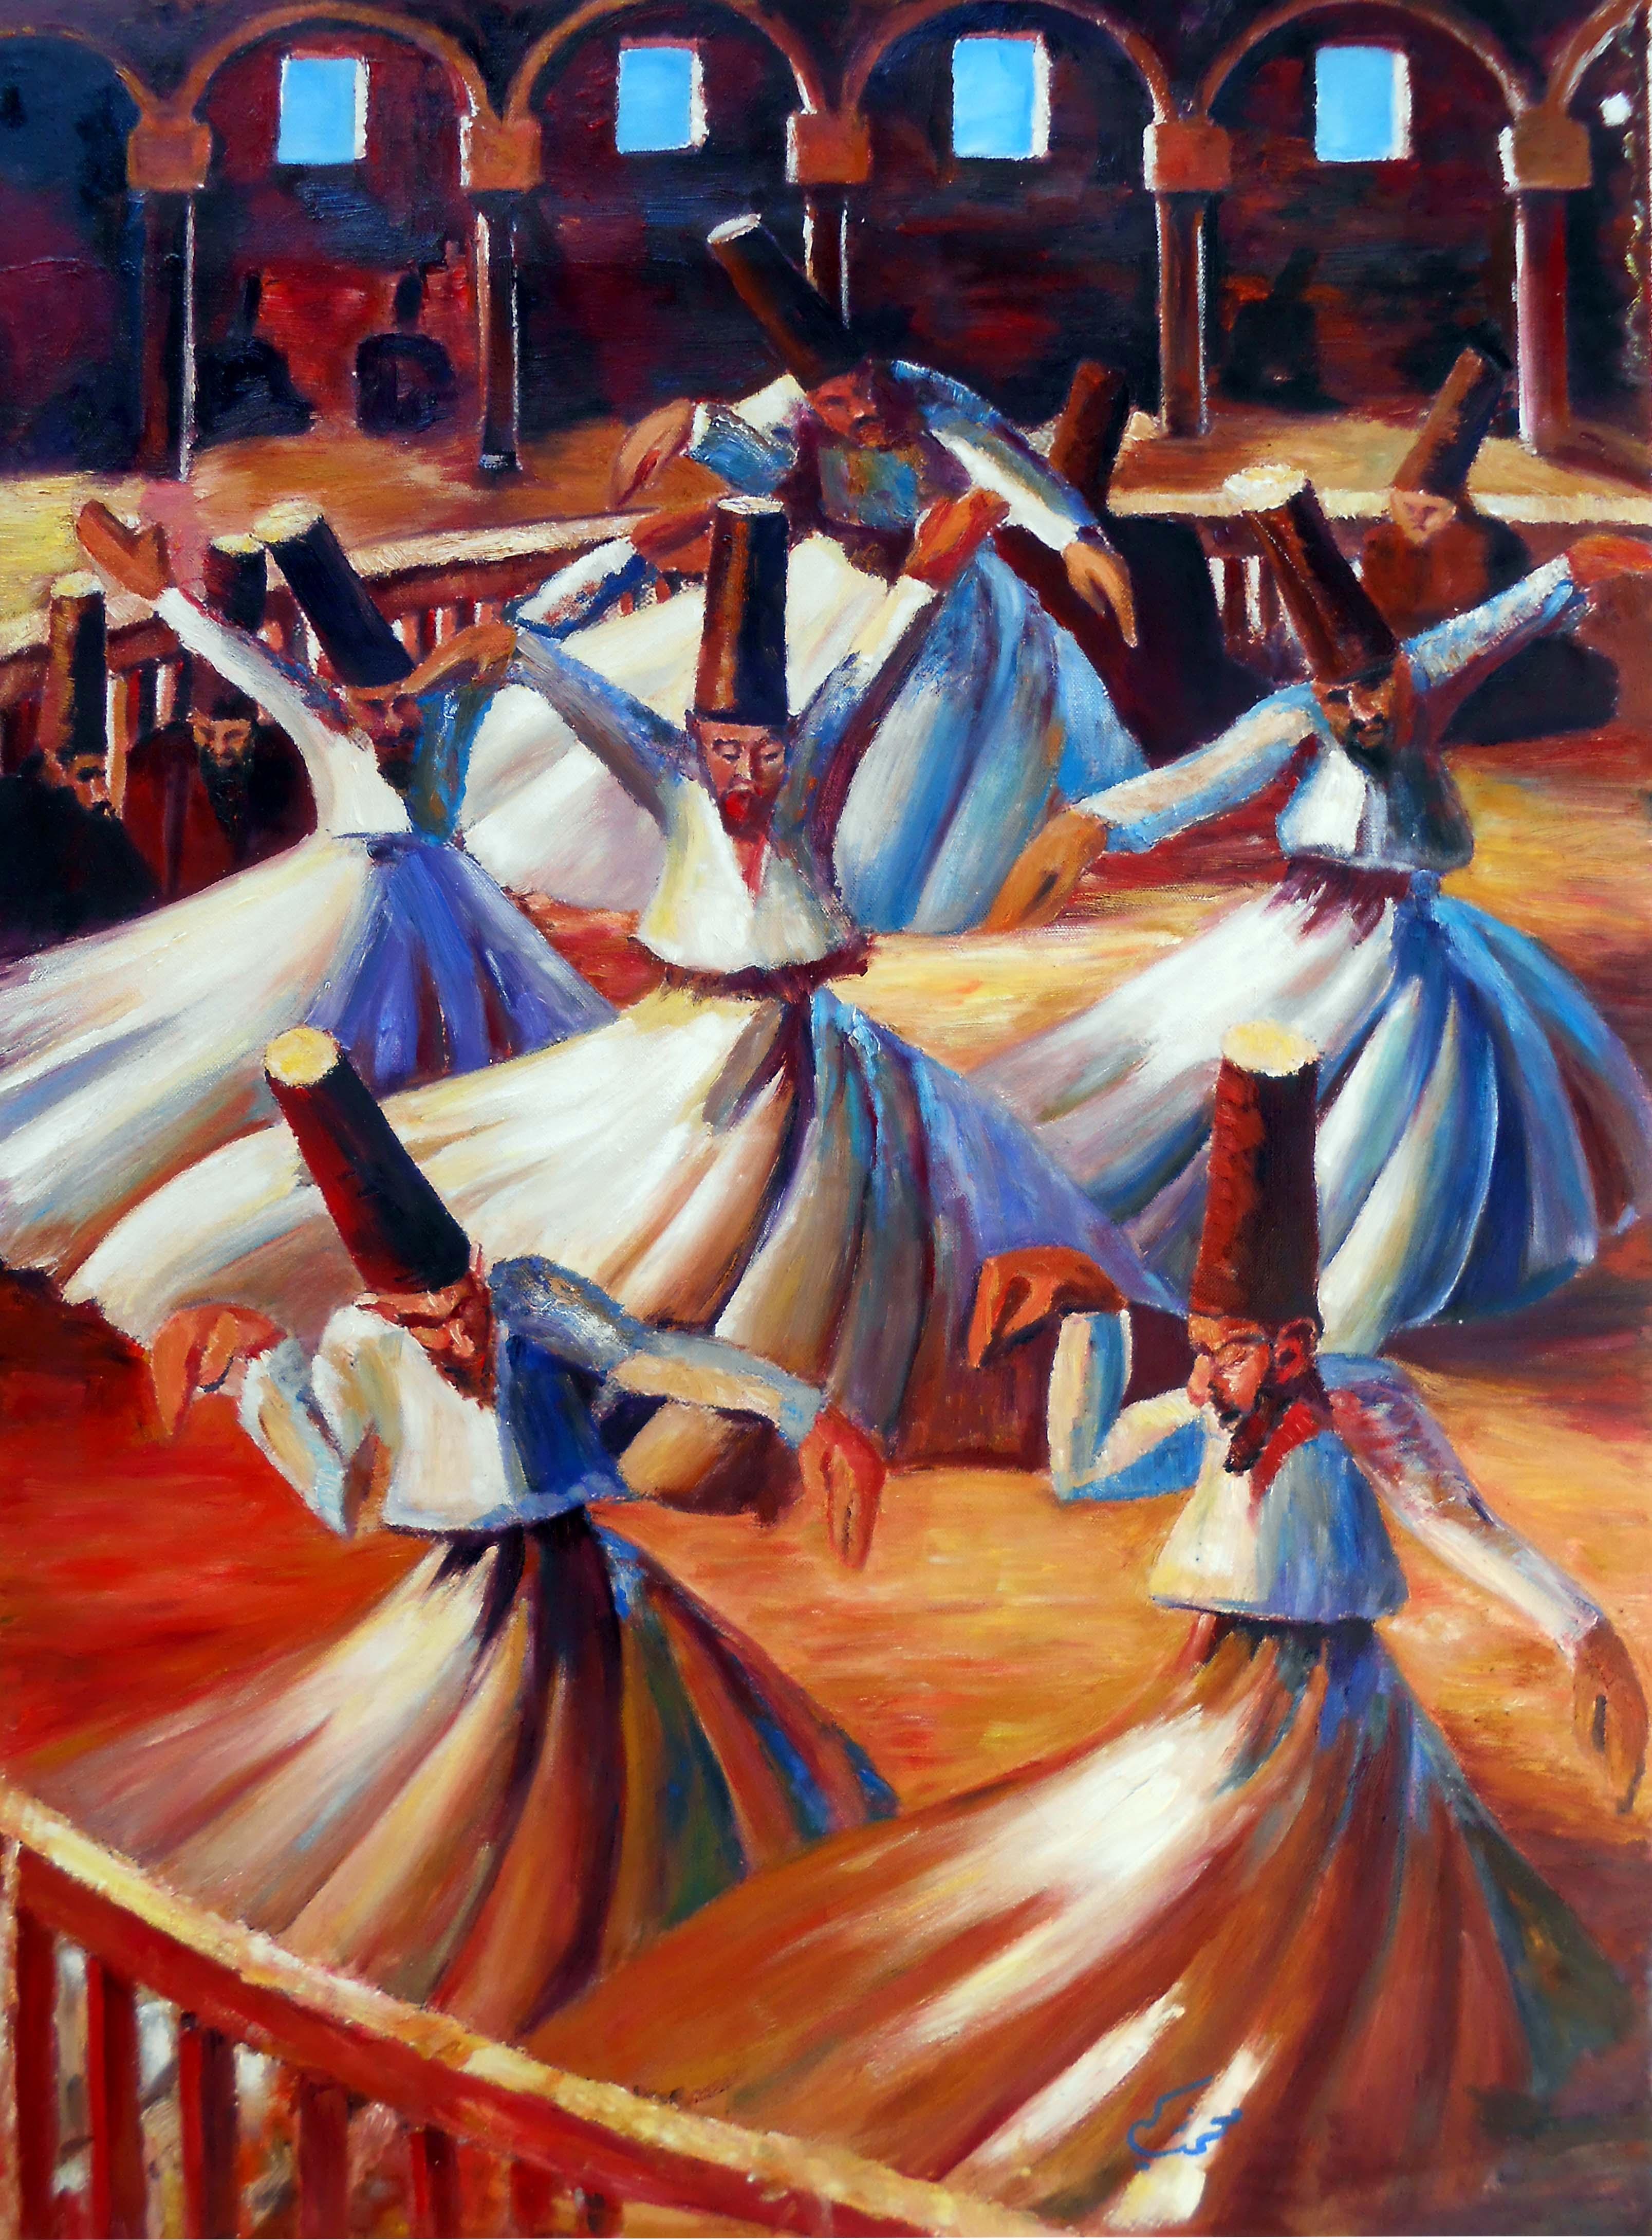 لوحة الدراويش